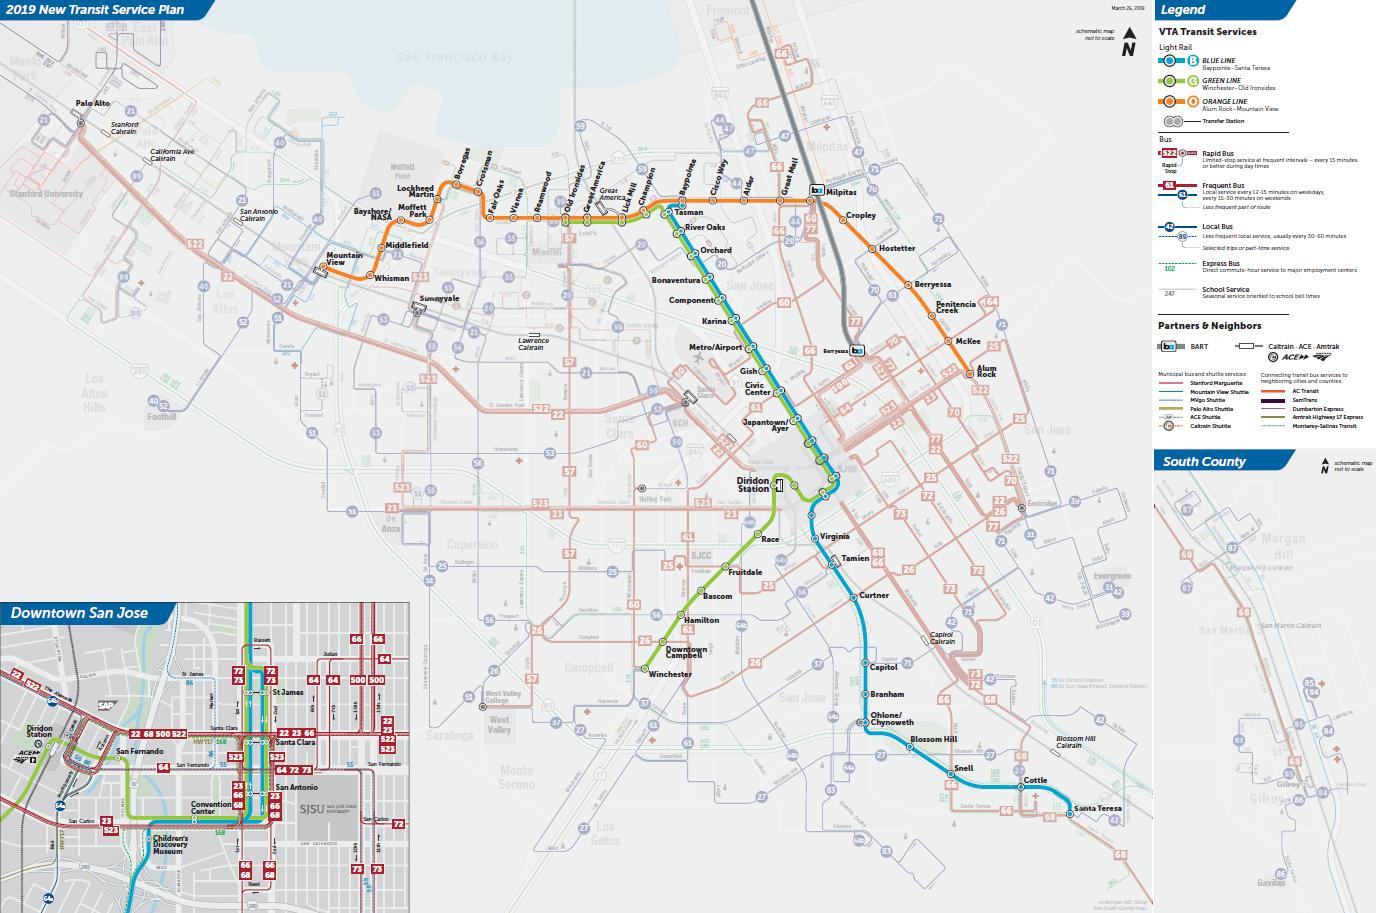 Mapa ng Light Rail sa Final na 2019 New Transit Service Plan ng VTA  (PDF)